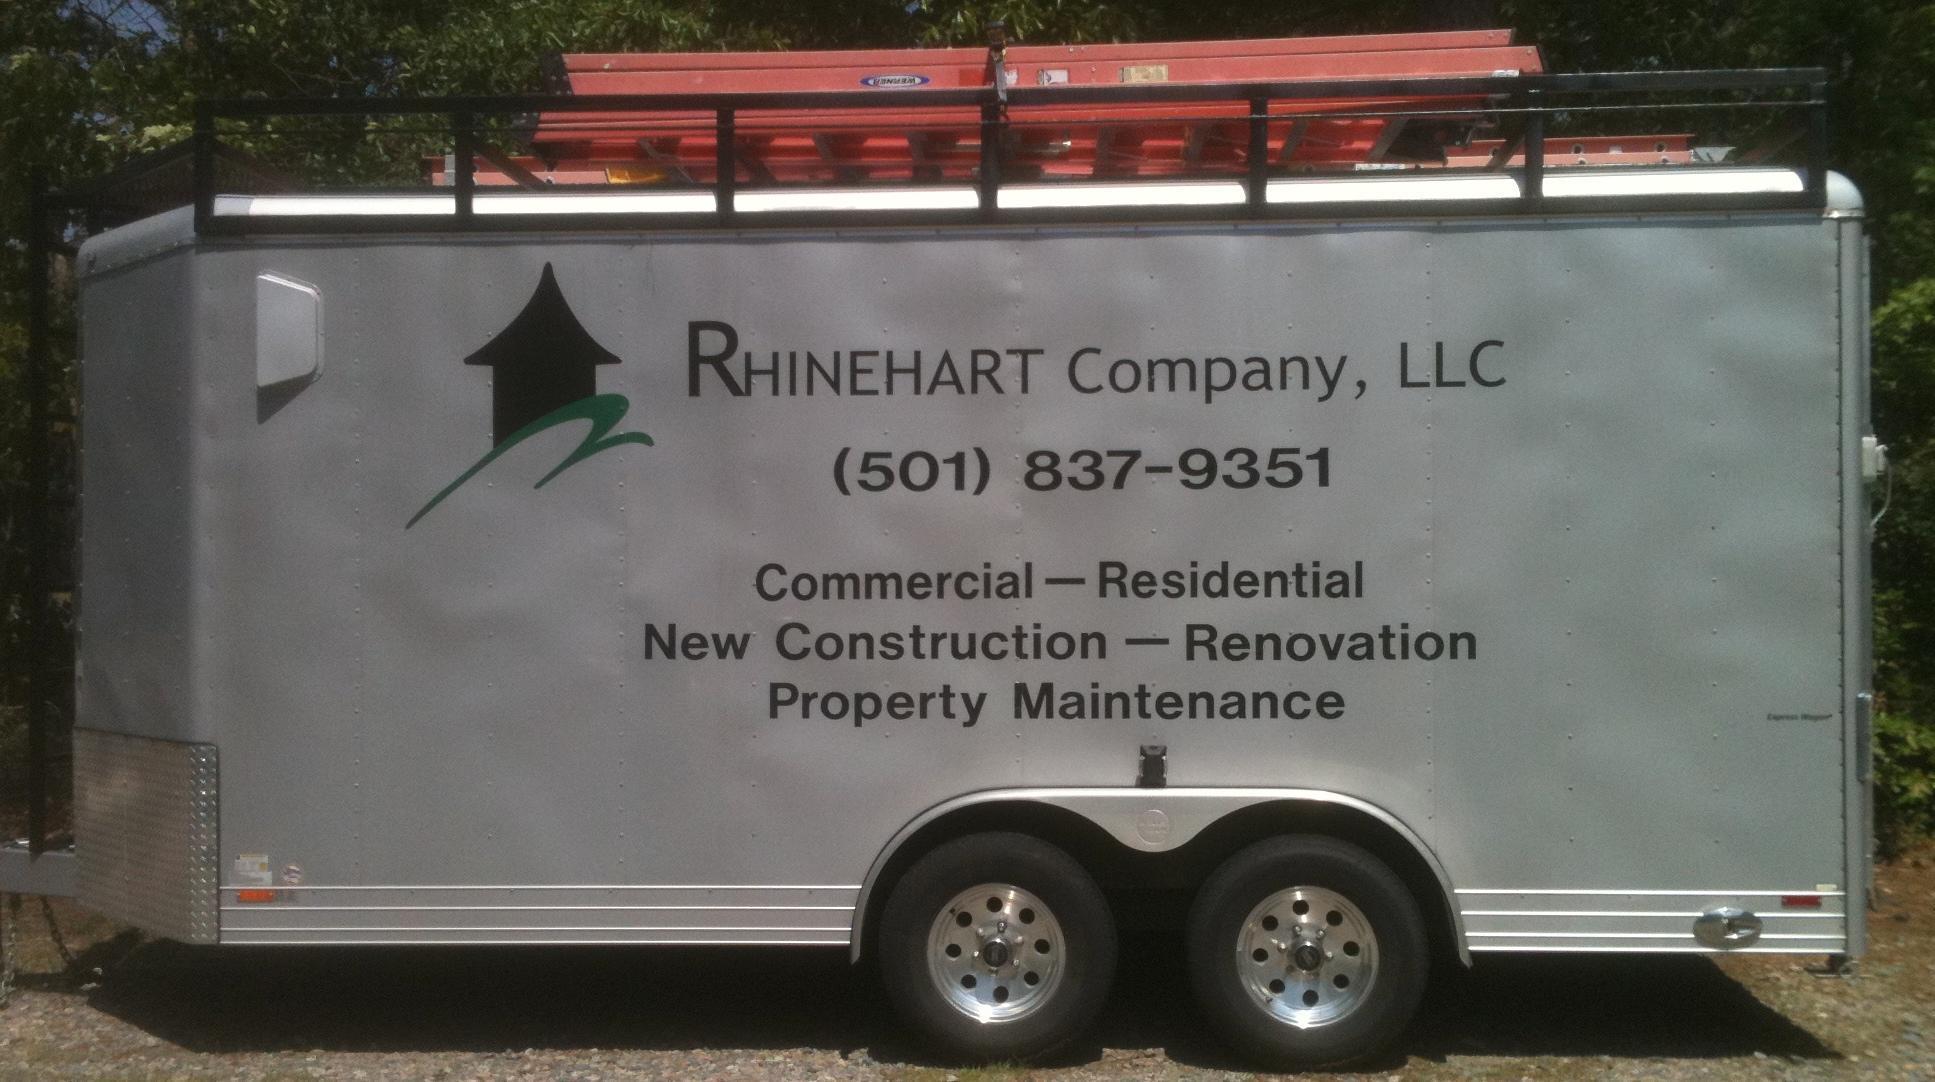 Rhinehart Company, LLC